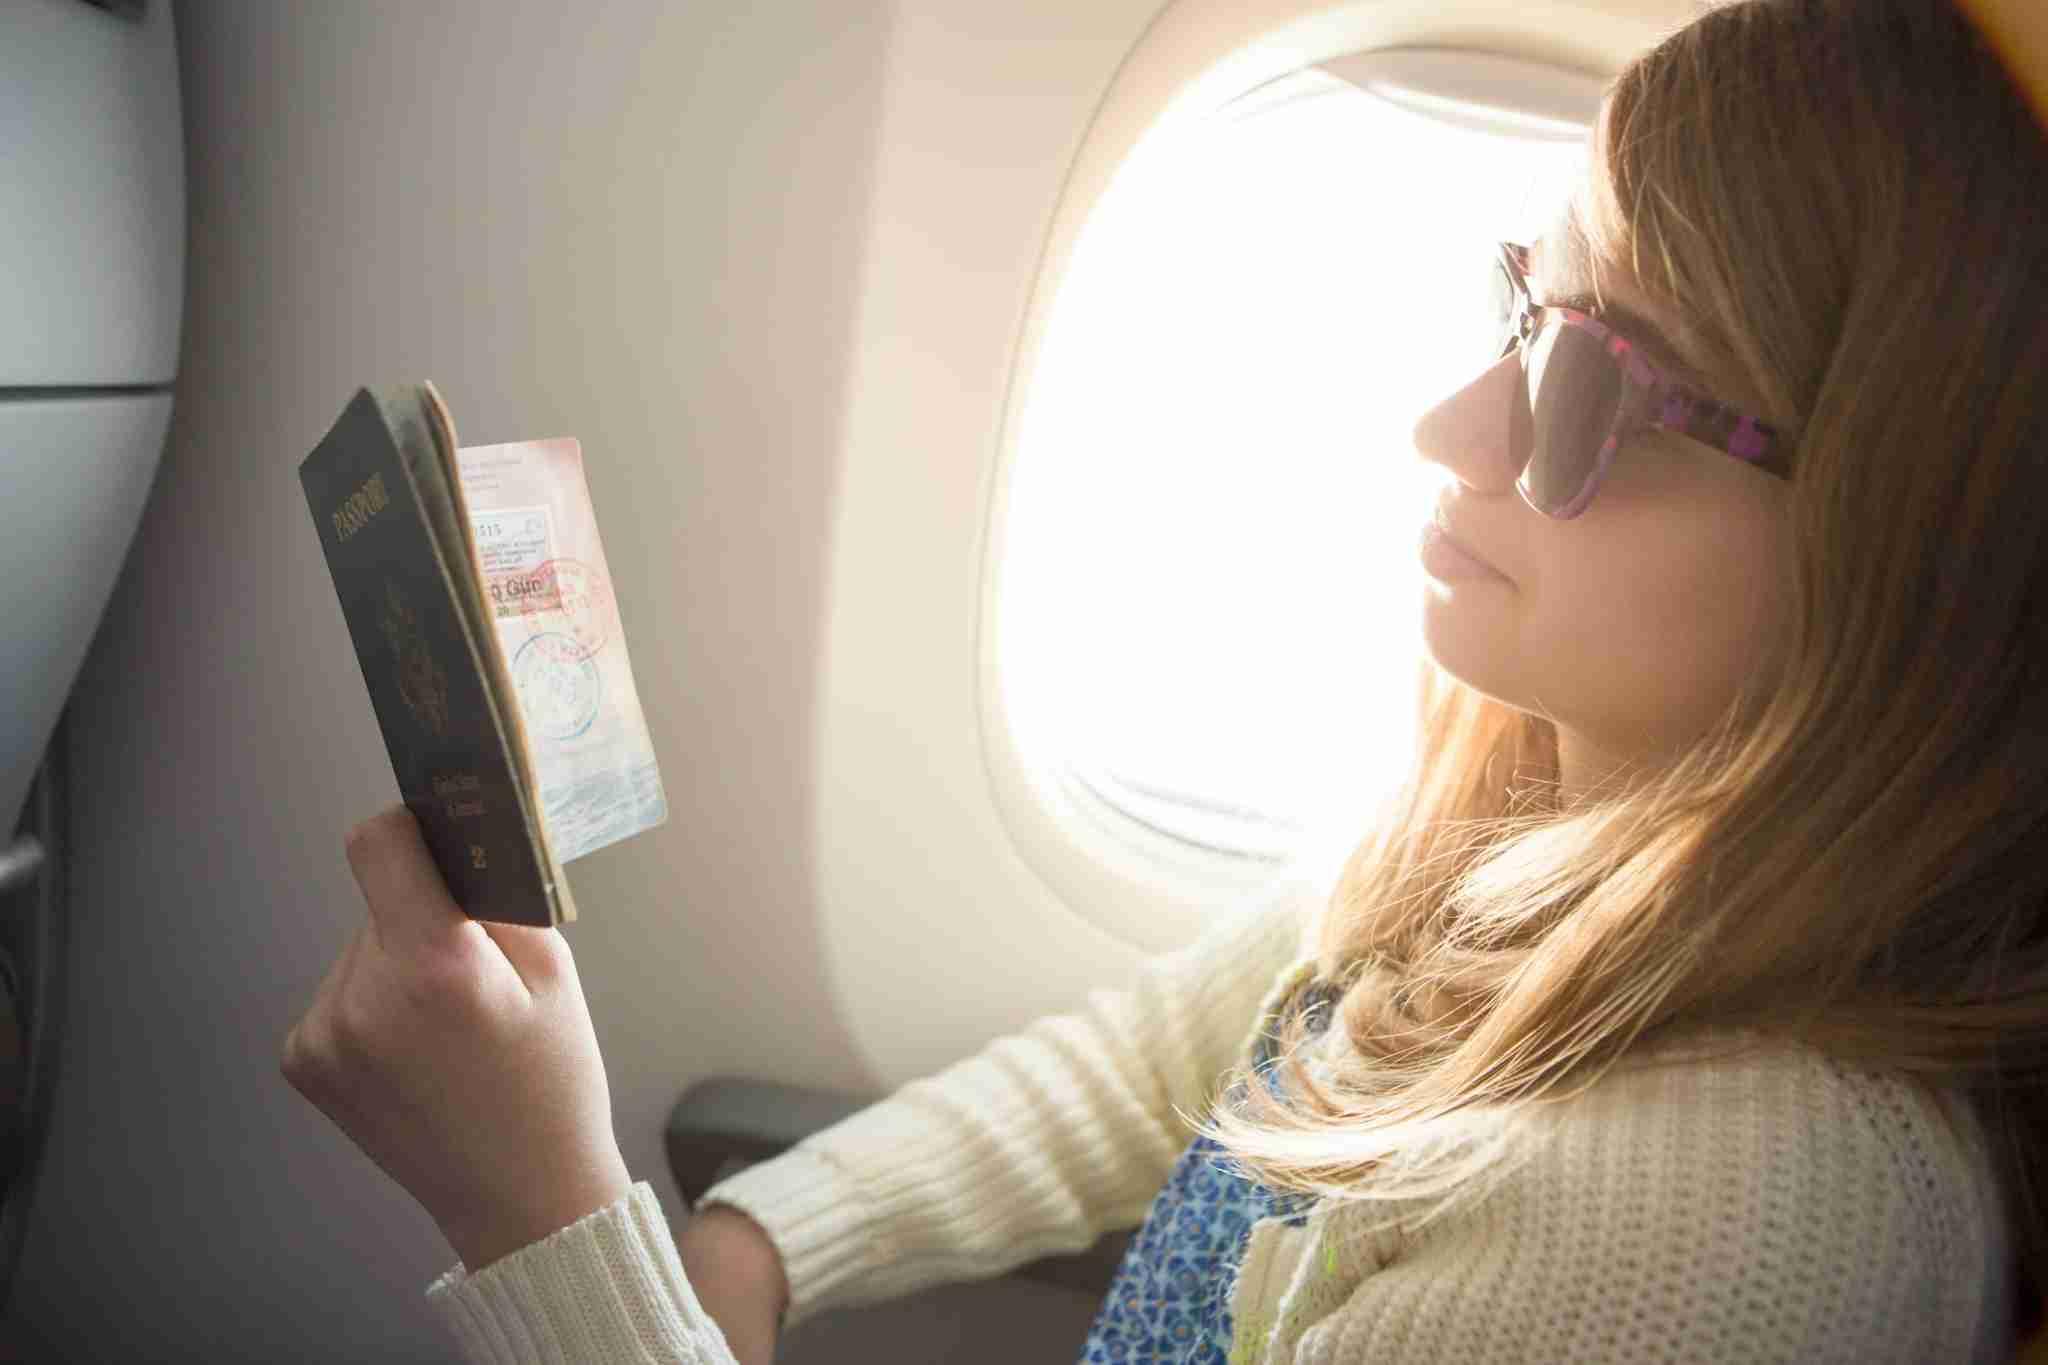 Tween girl looking at stamps on passport